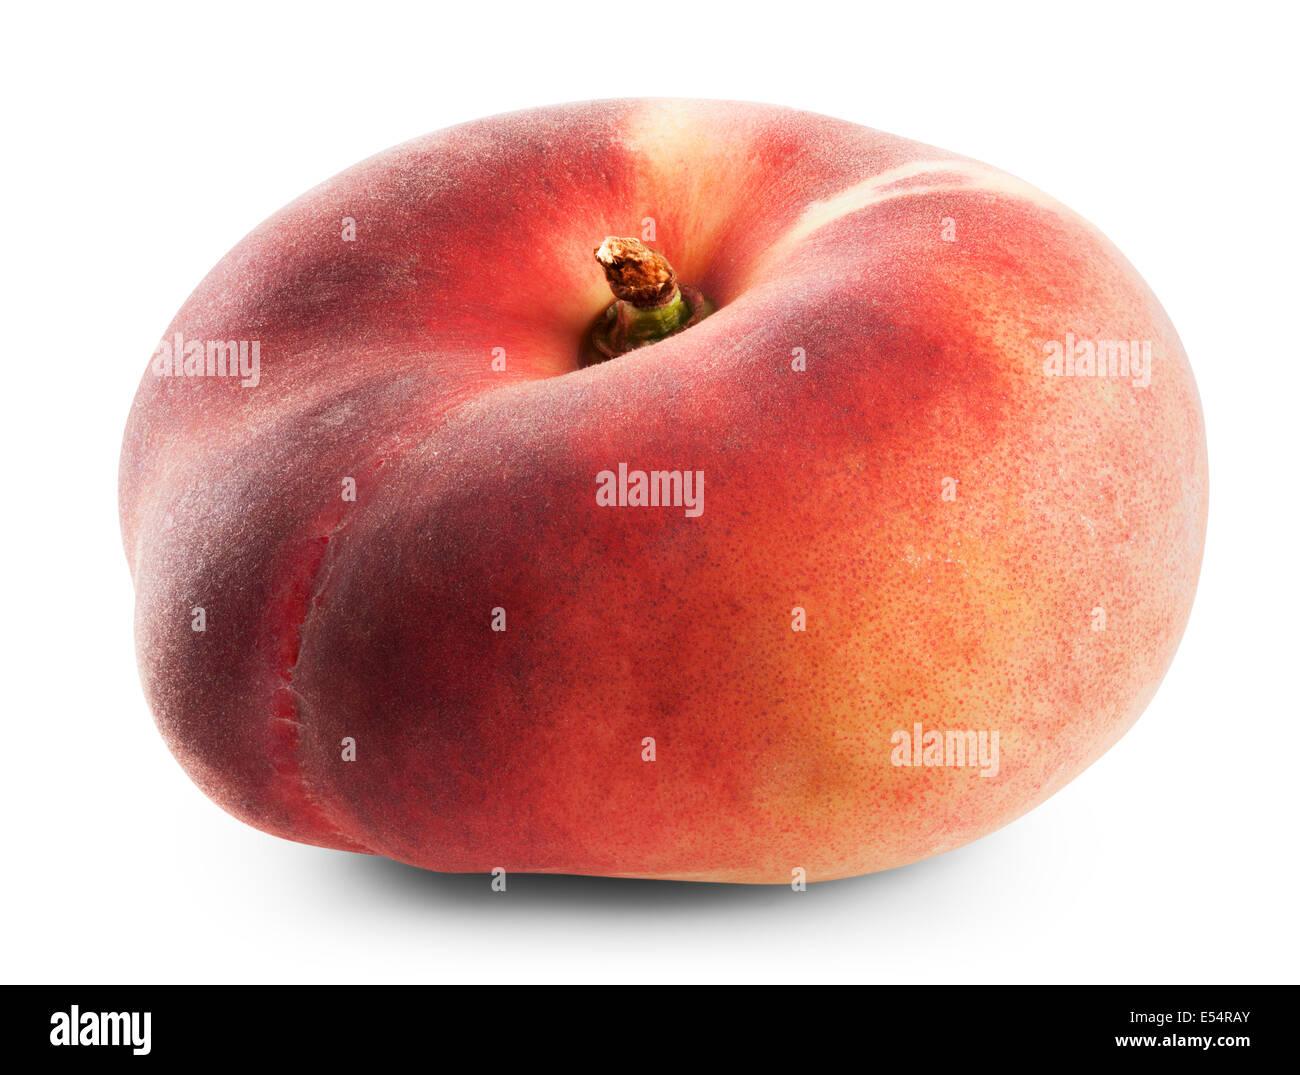 Fig peach su uno sfondo bianco. Tracciato di ritaglio Immagini Stock